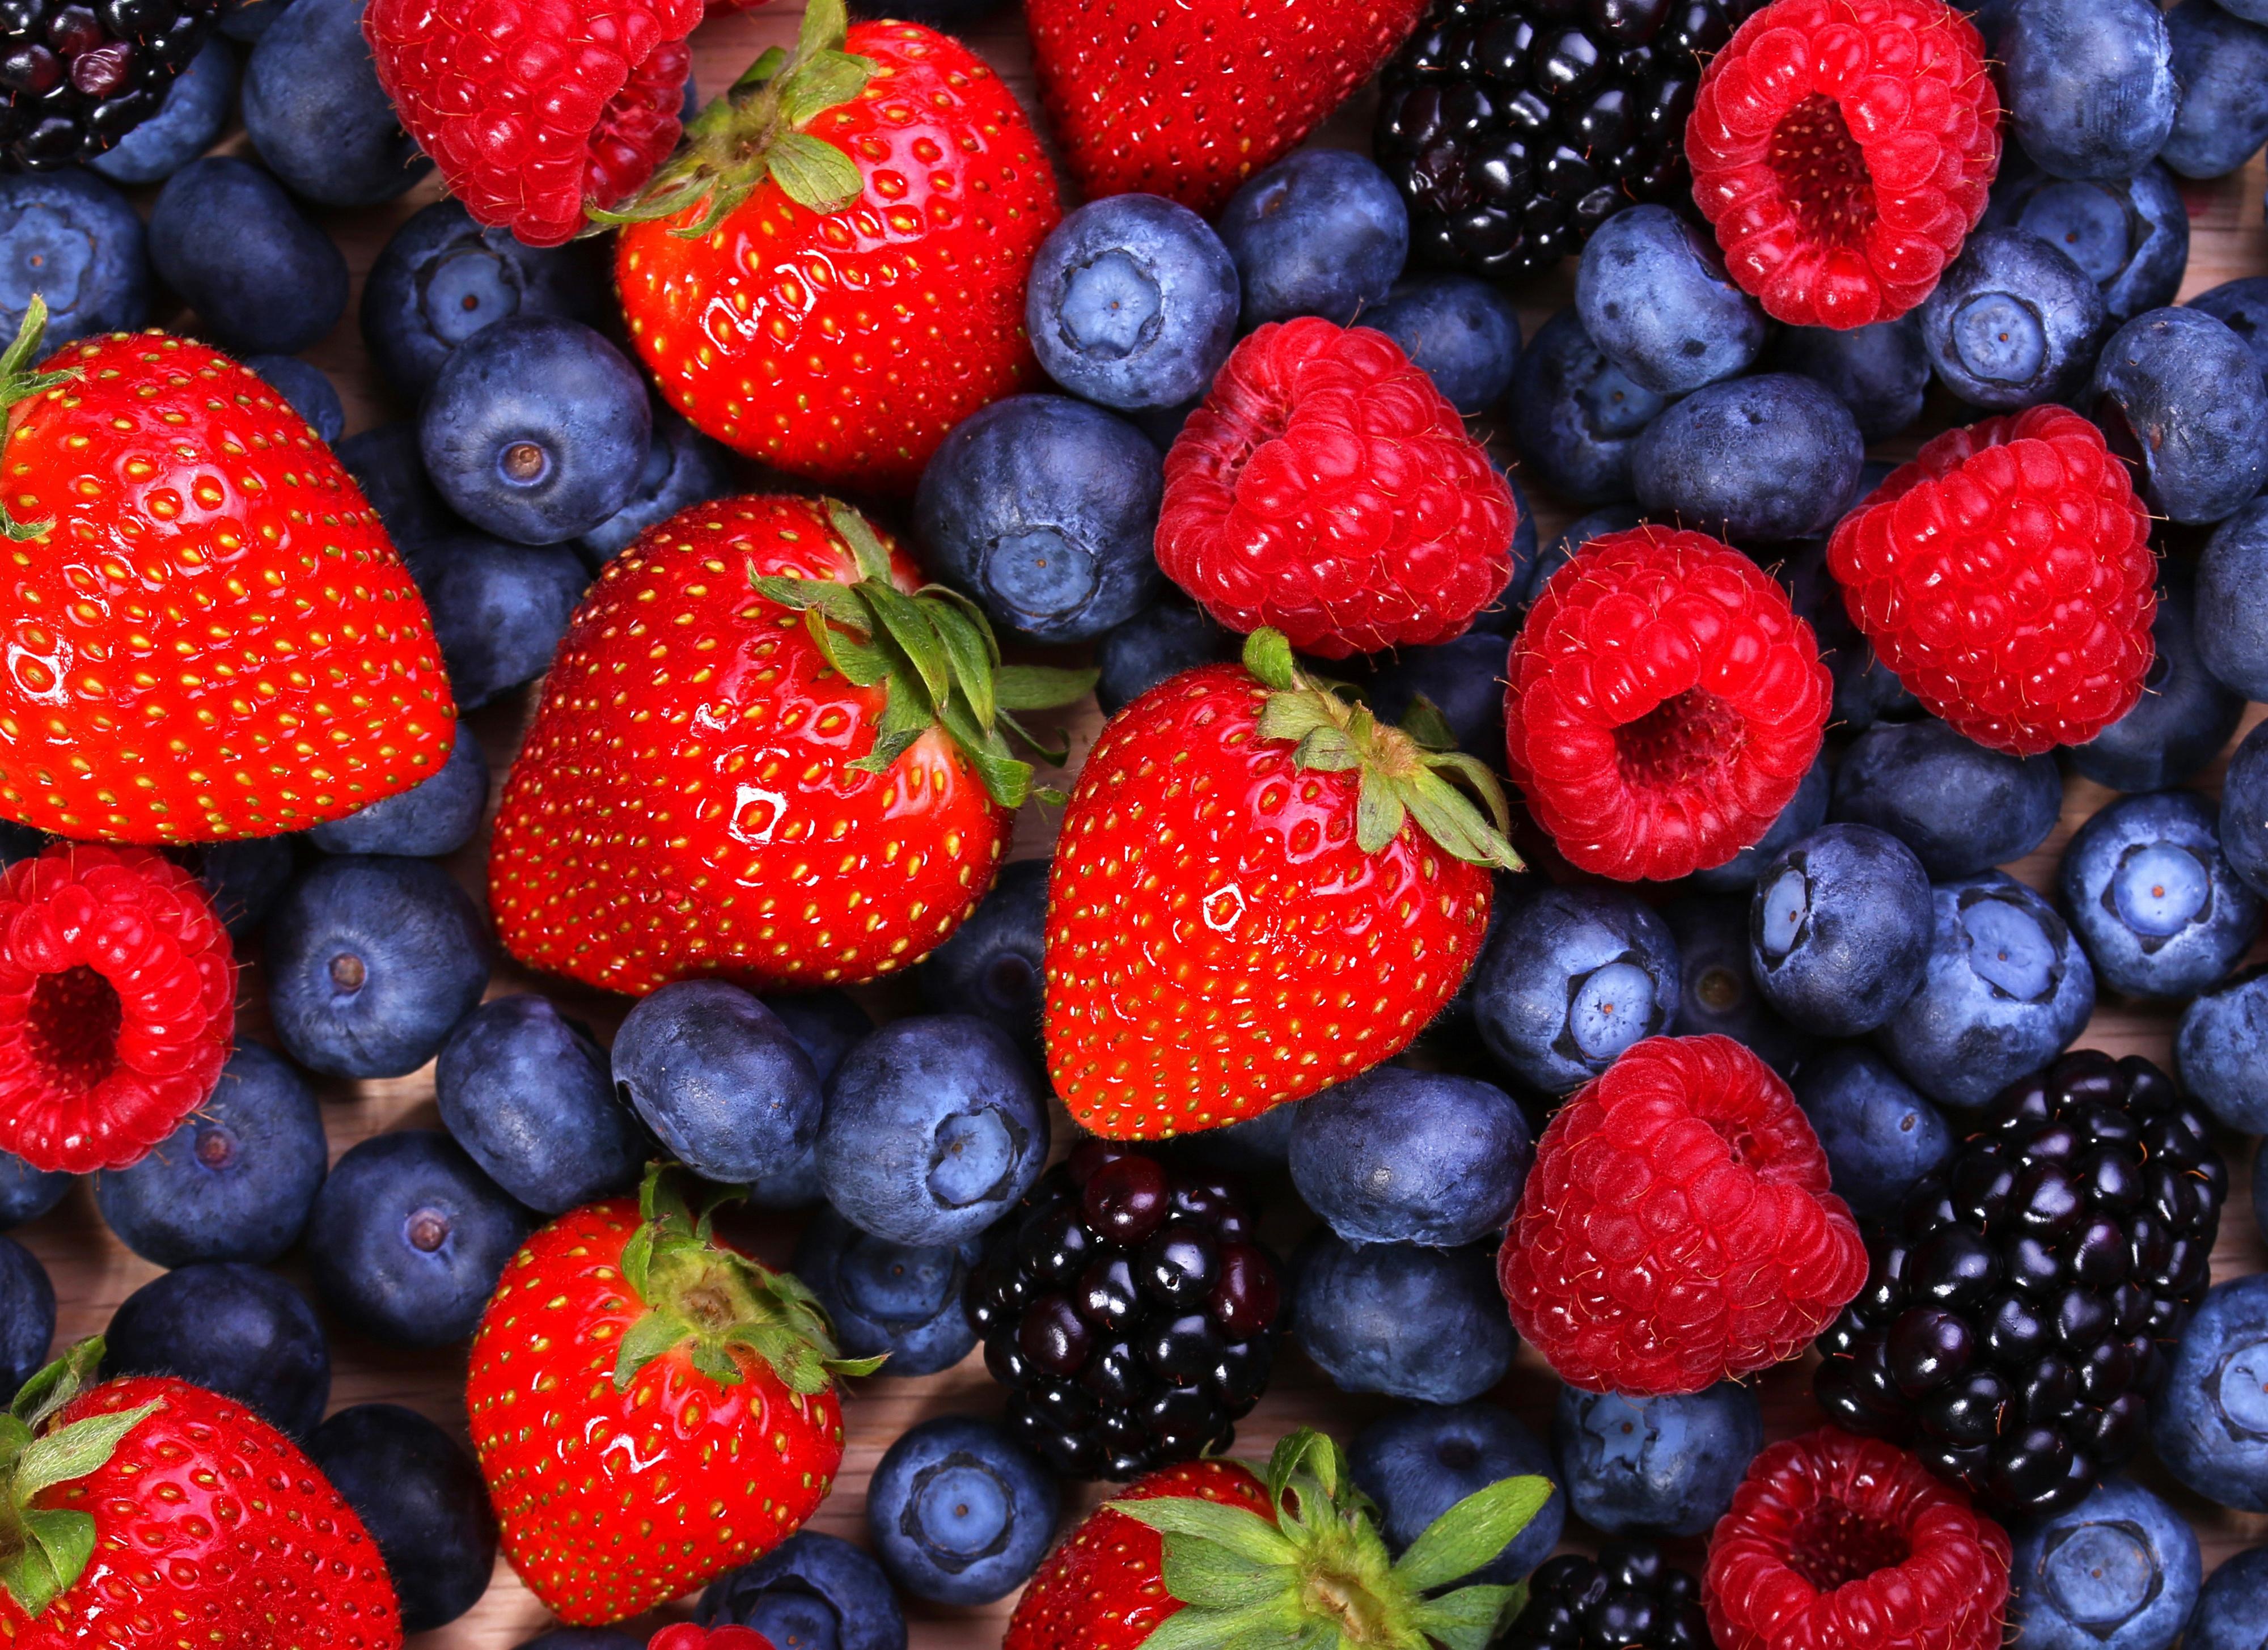 фрукты fruit  № 2921688 загрузить